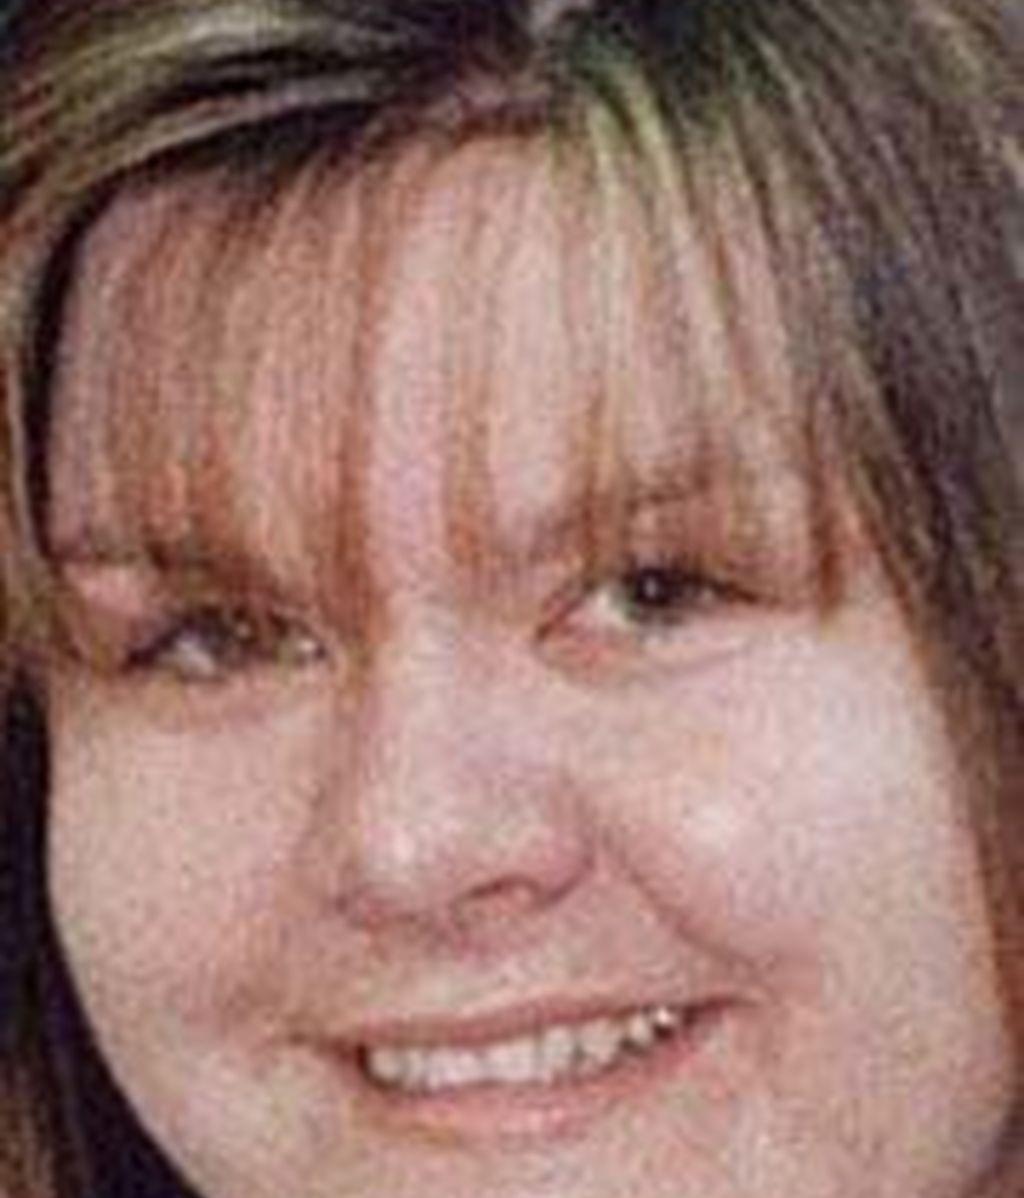 Vanessa George, acusada de abusos sexuales a sus alumnos de una guardería, ha sido increpada a su llegada a los juzgados. Video: Informativos Telecinco